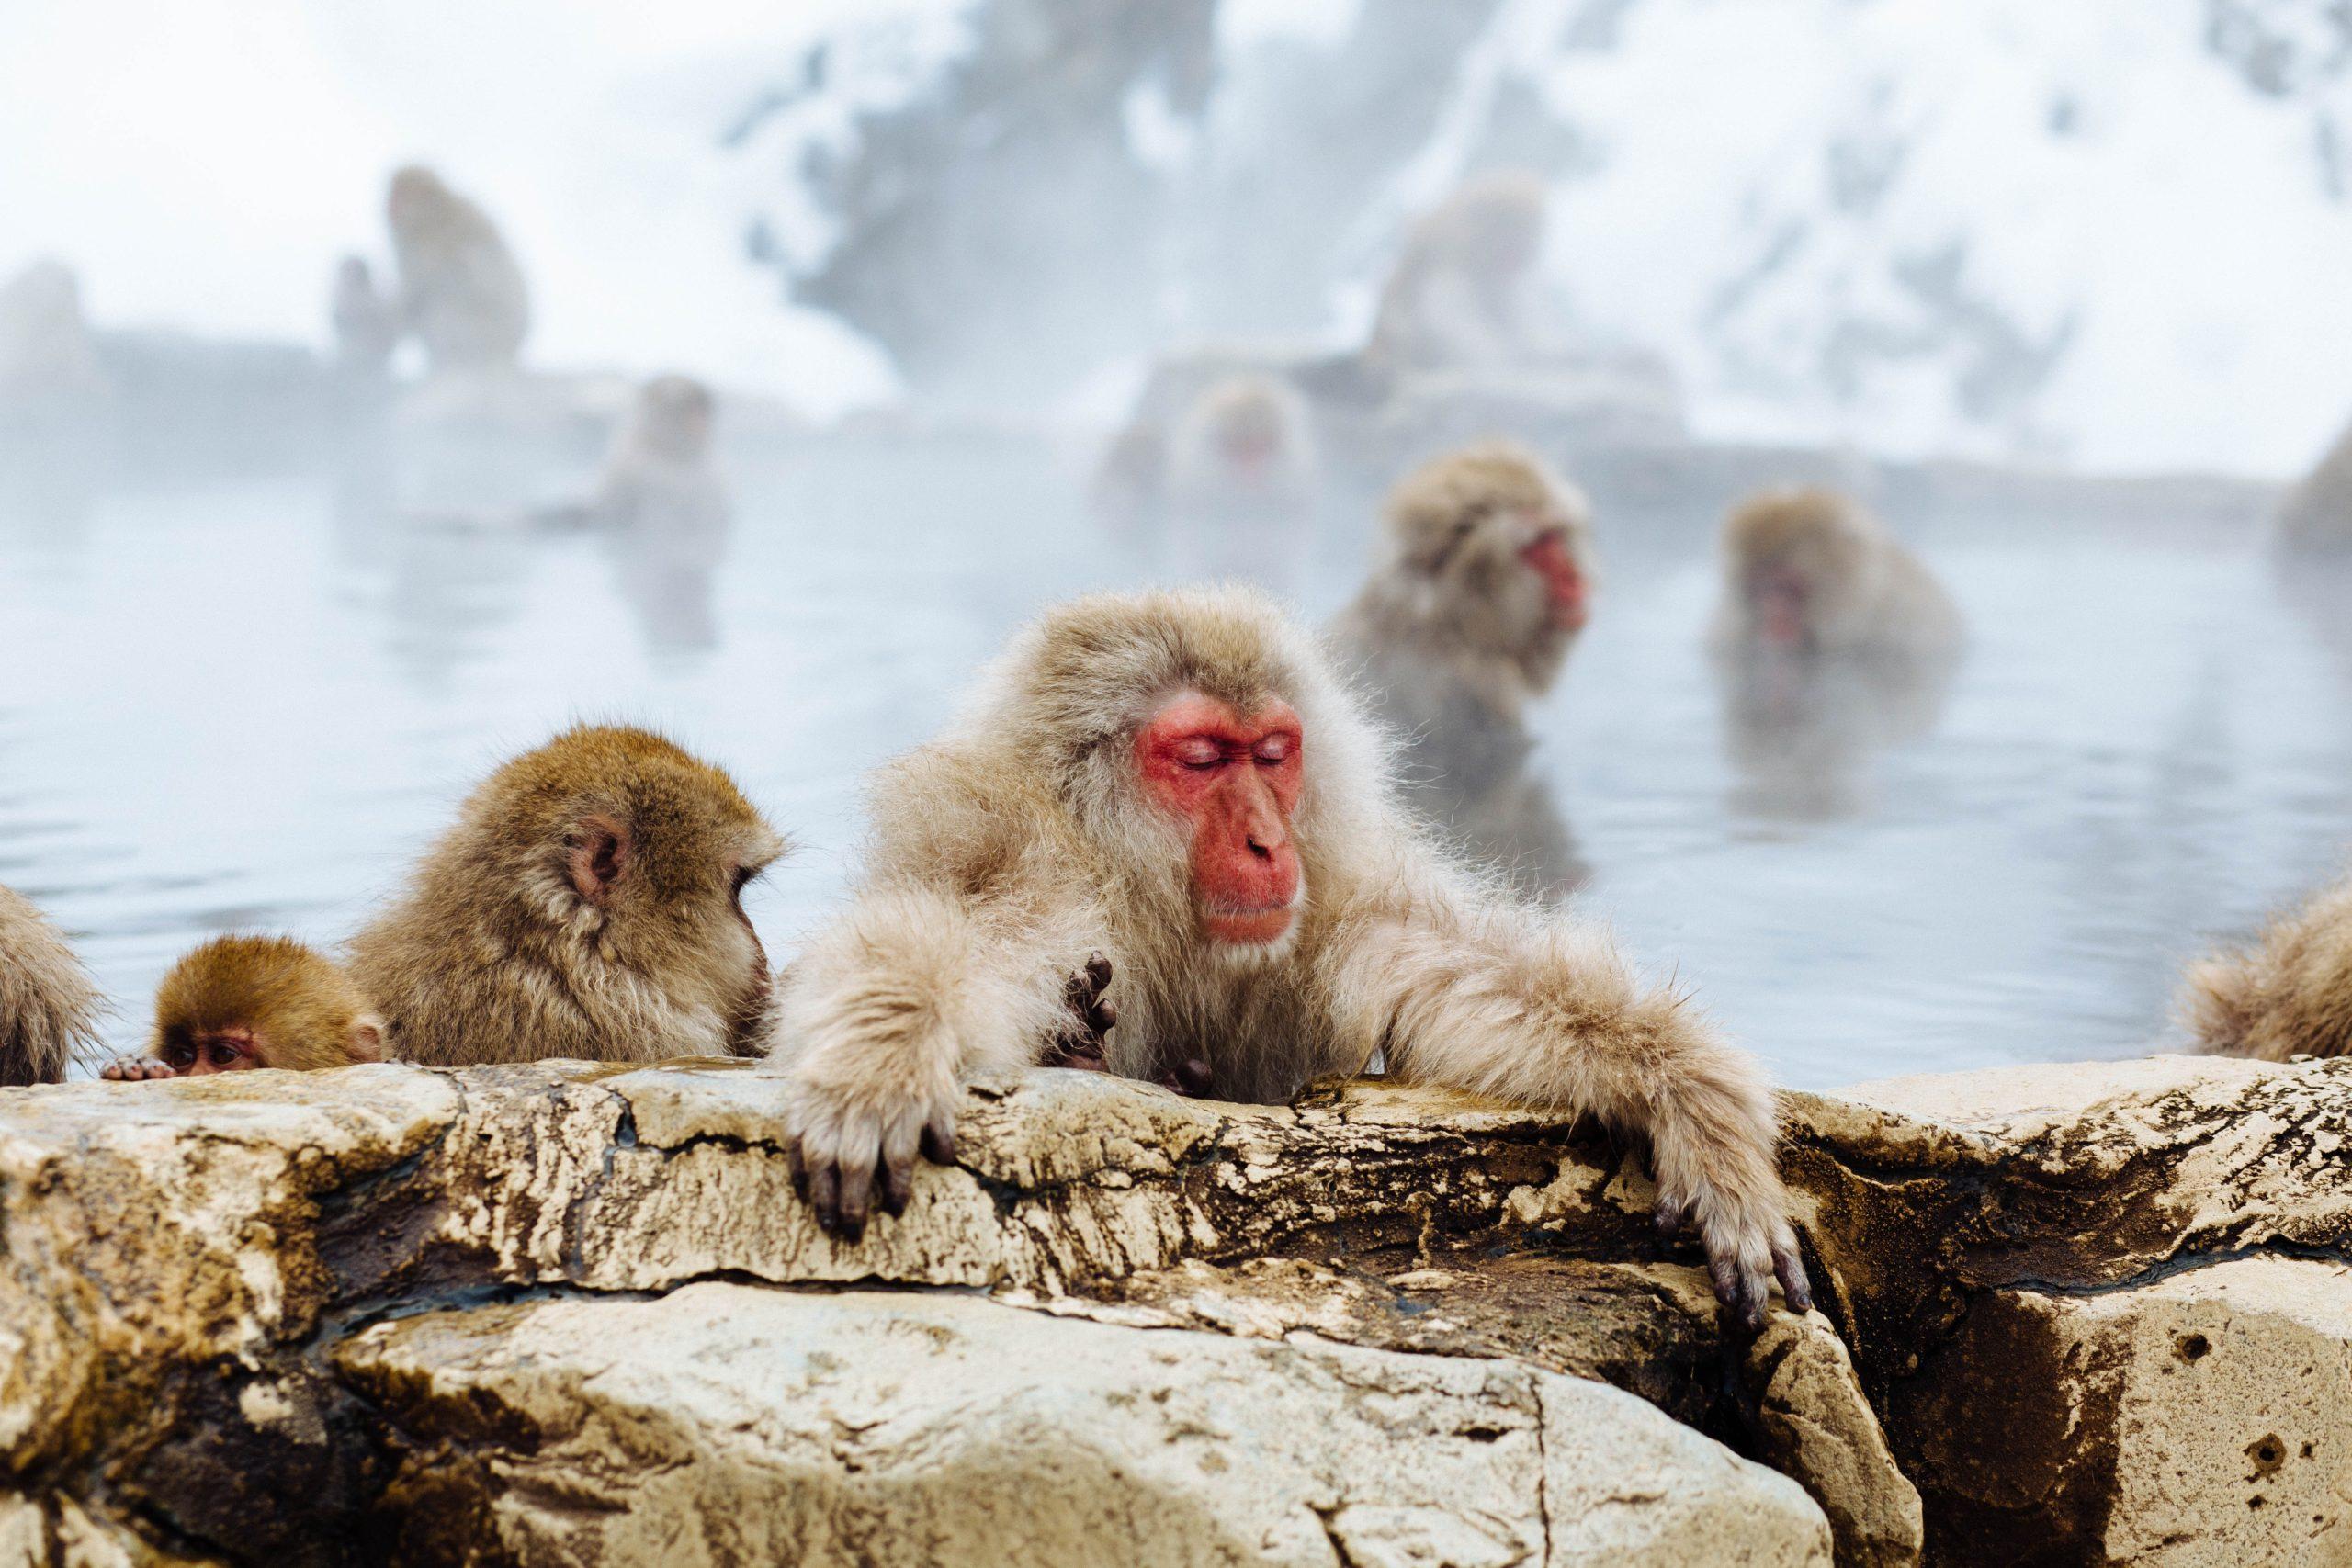 蔵王】日本の温泉遺産百選、遠刈田温泉の竹泉荘に癒される。